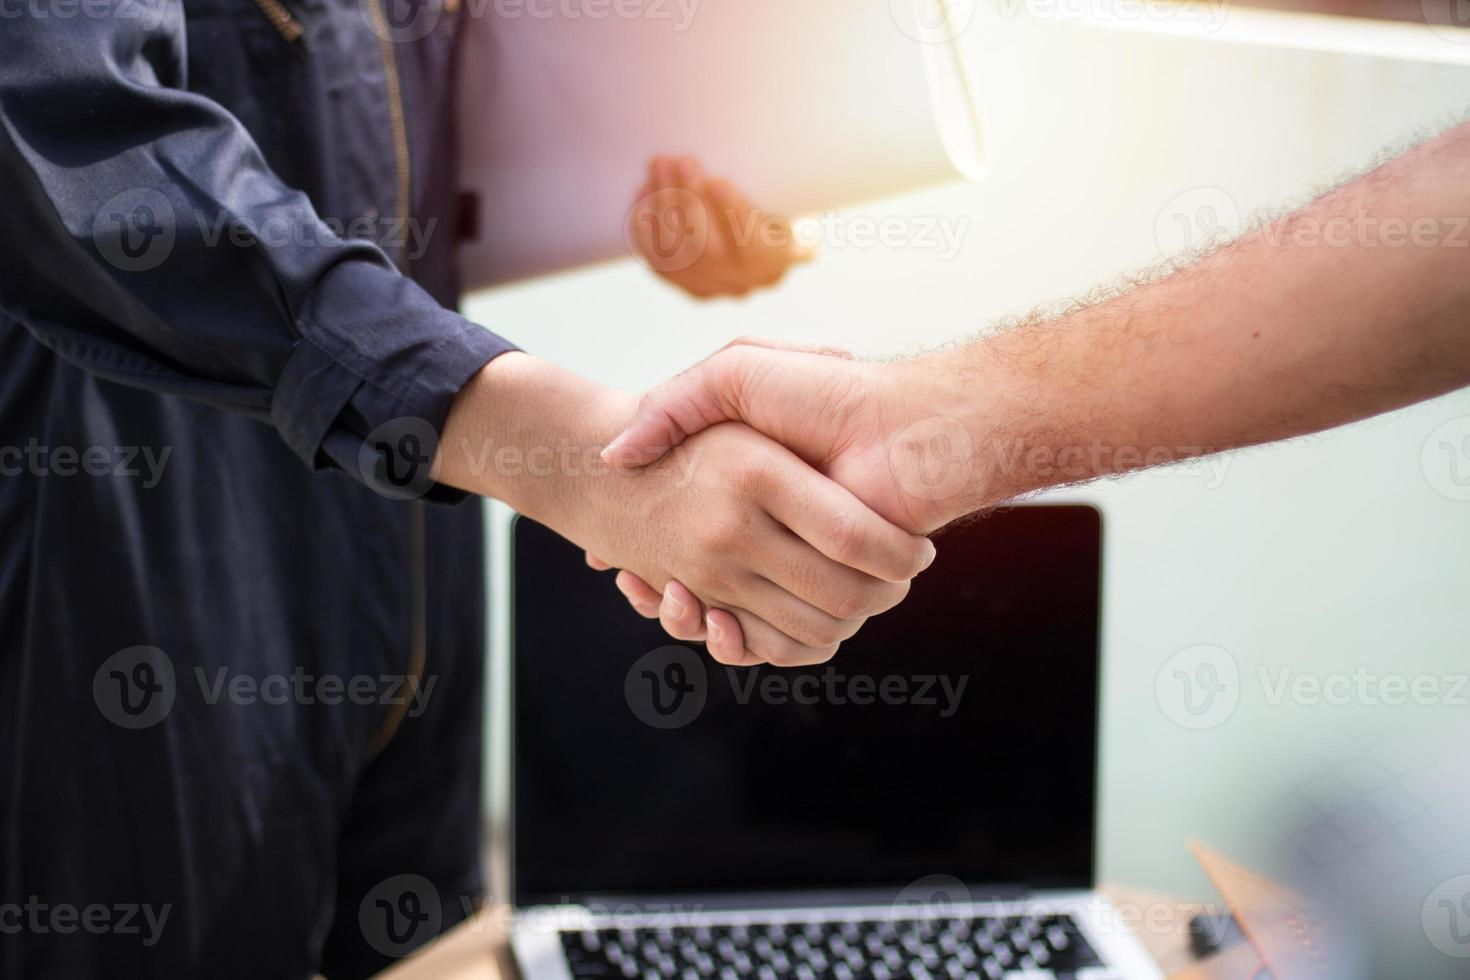 twee mensen handen schudden foto